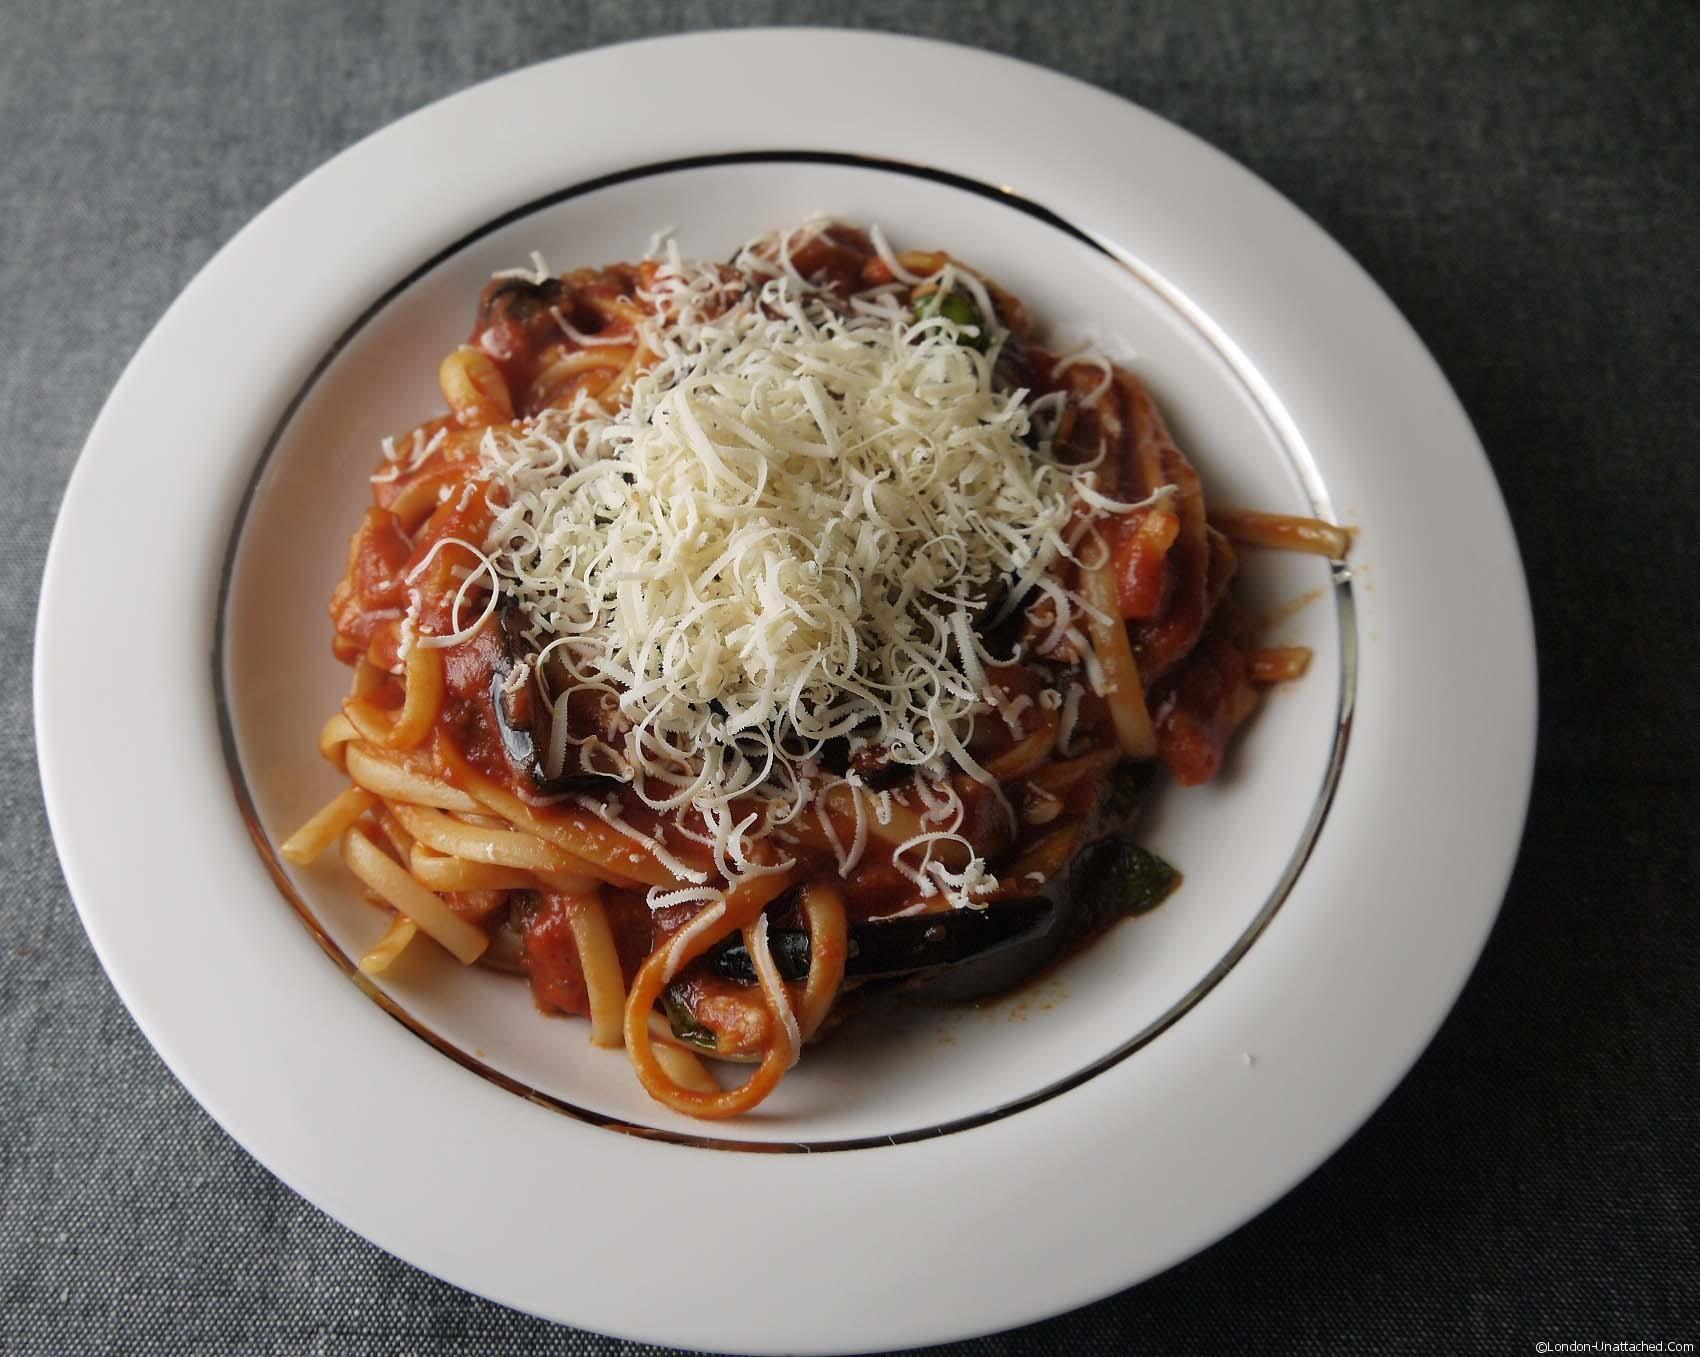 pasta alla norma - Spaghetti alla Norma